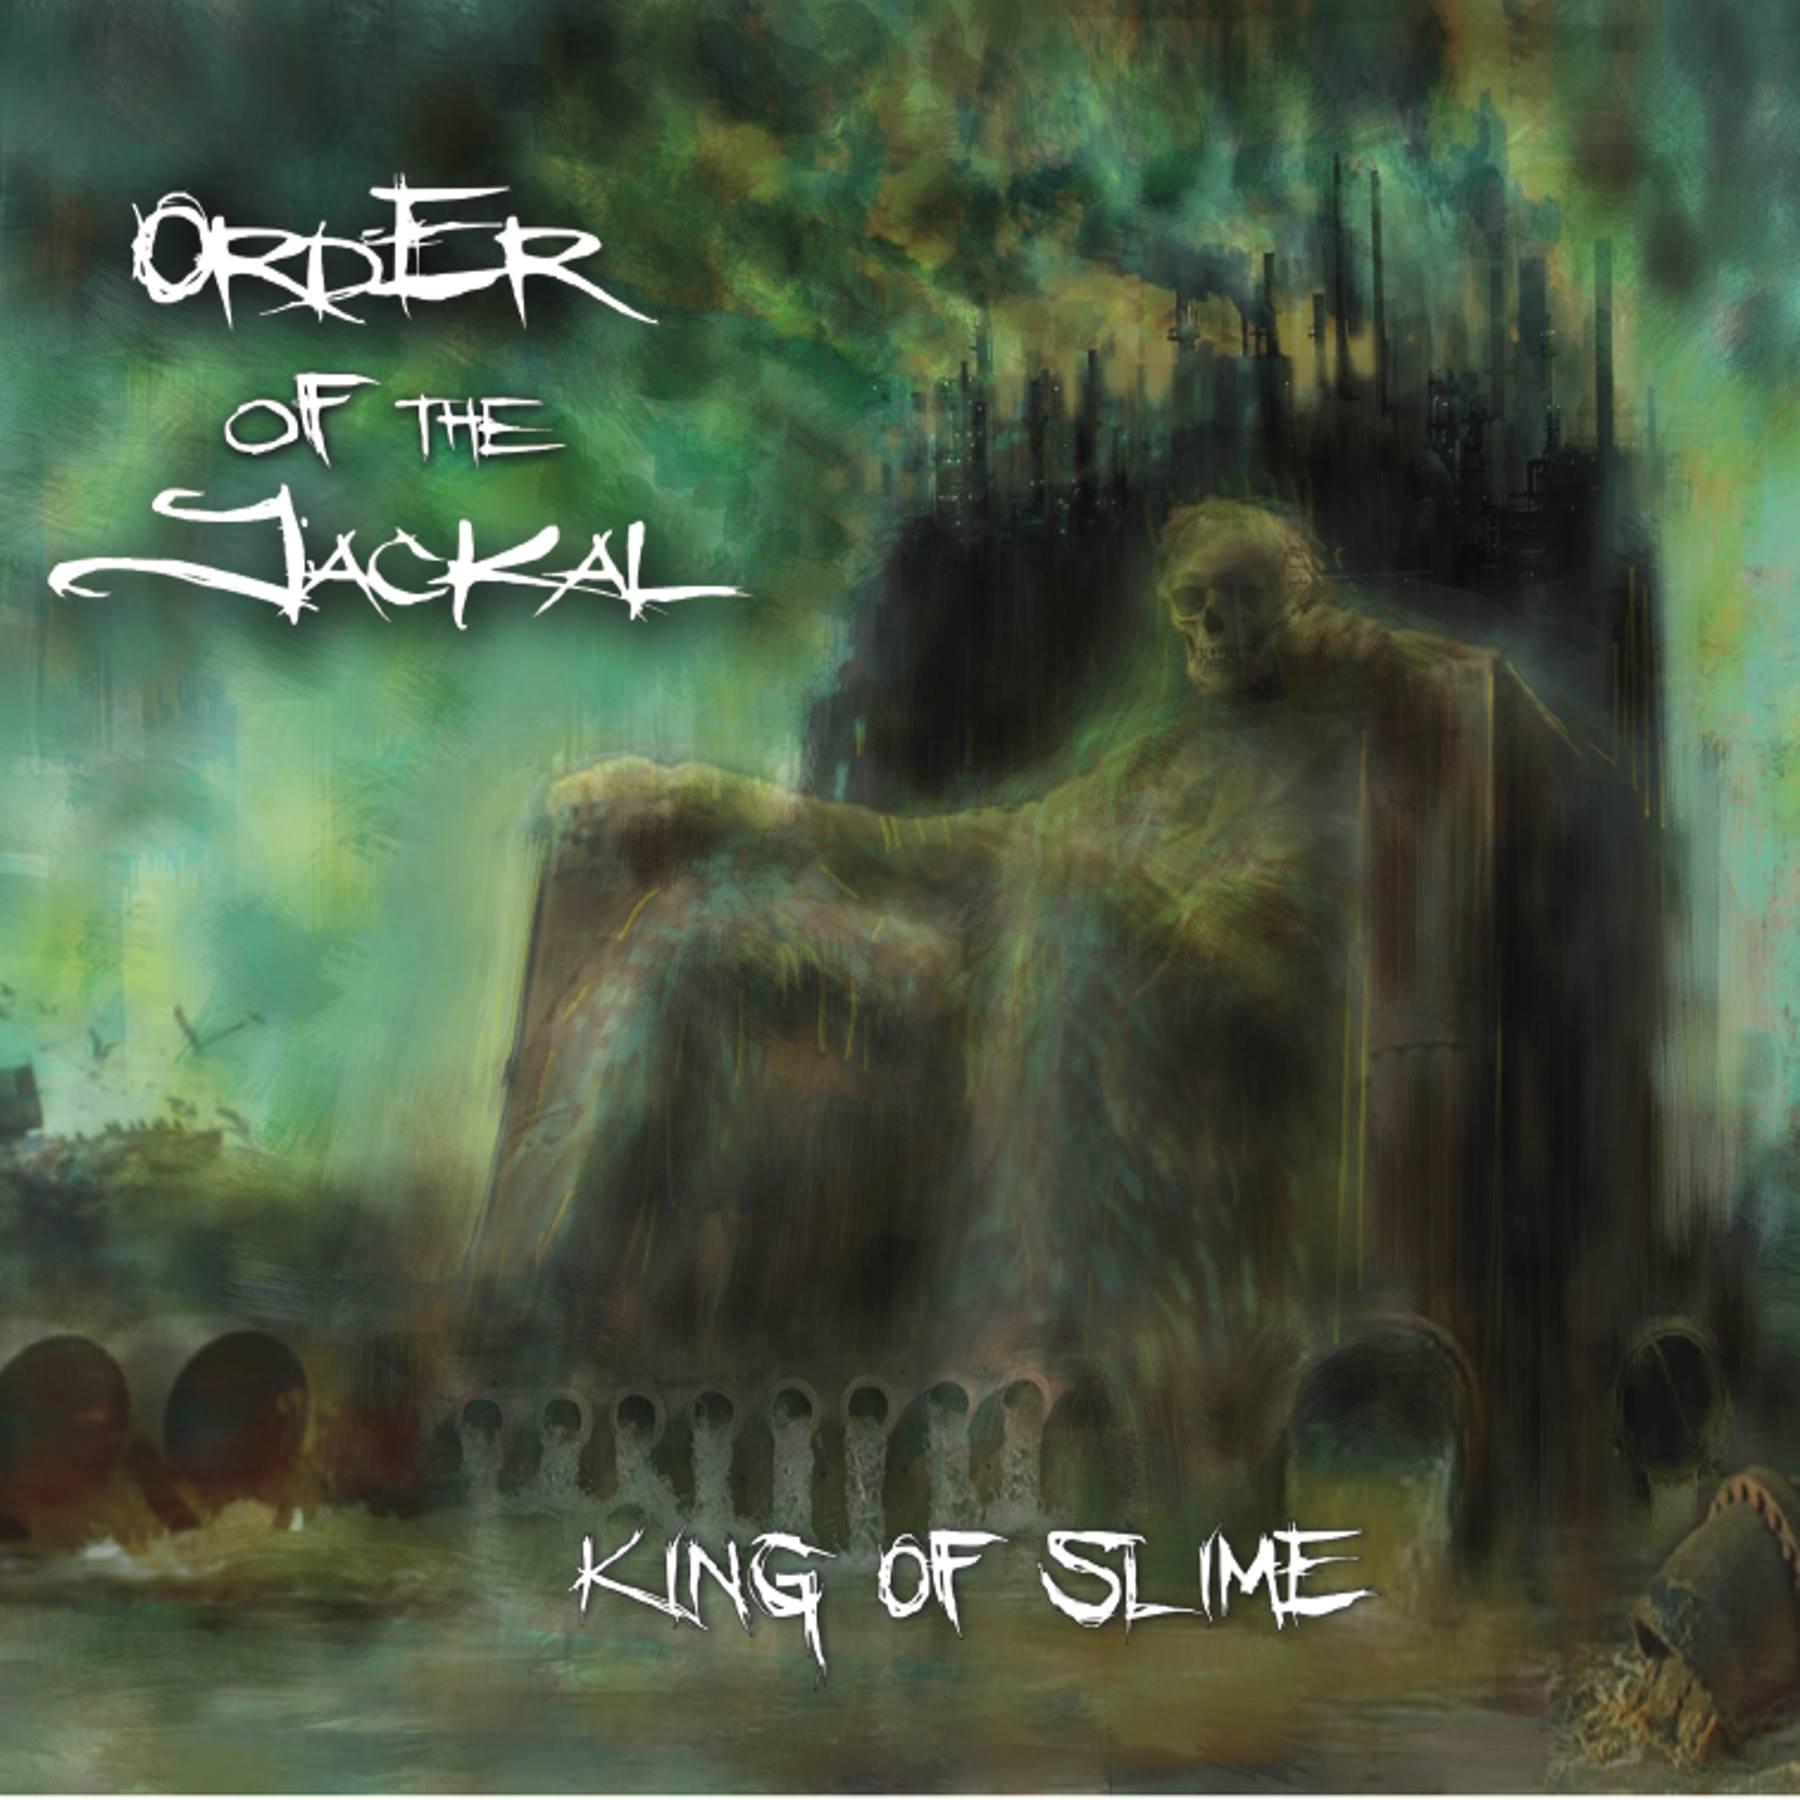 King of Slime 2016 album art